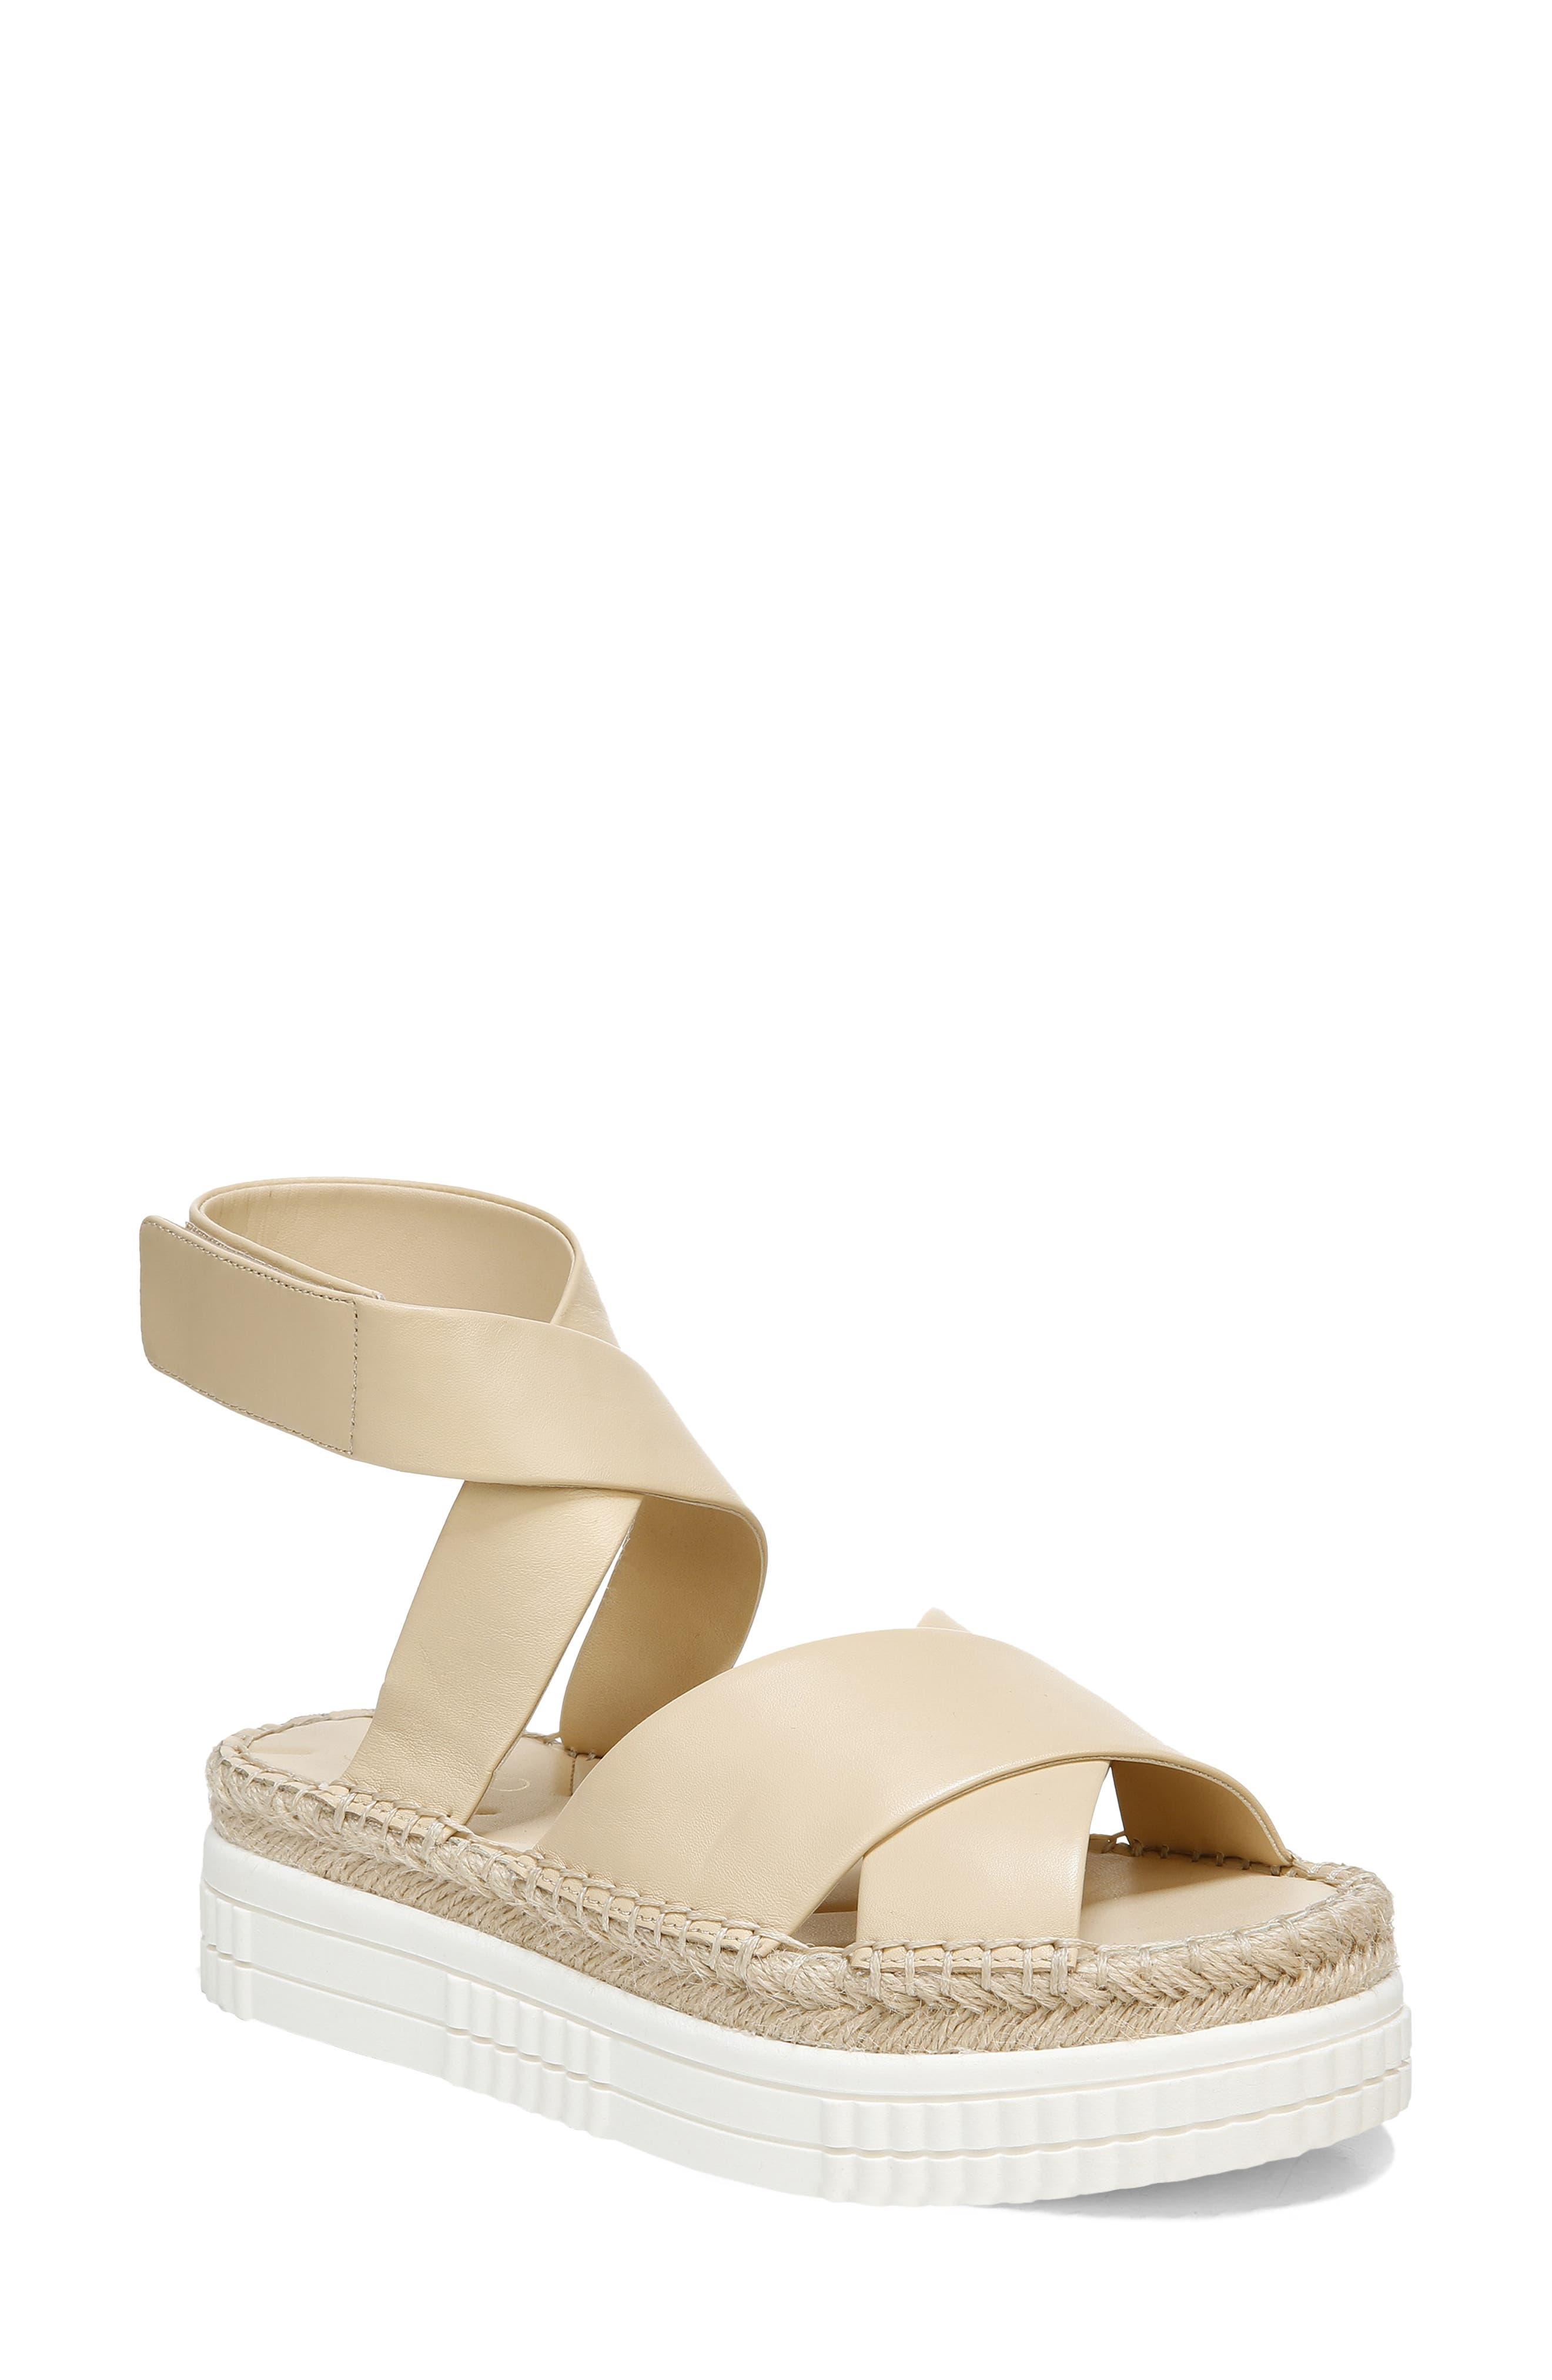 Brock Platform Sandal